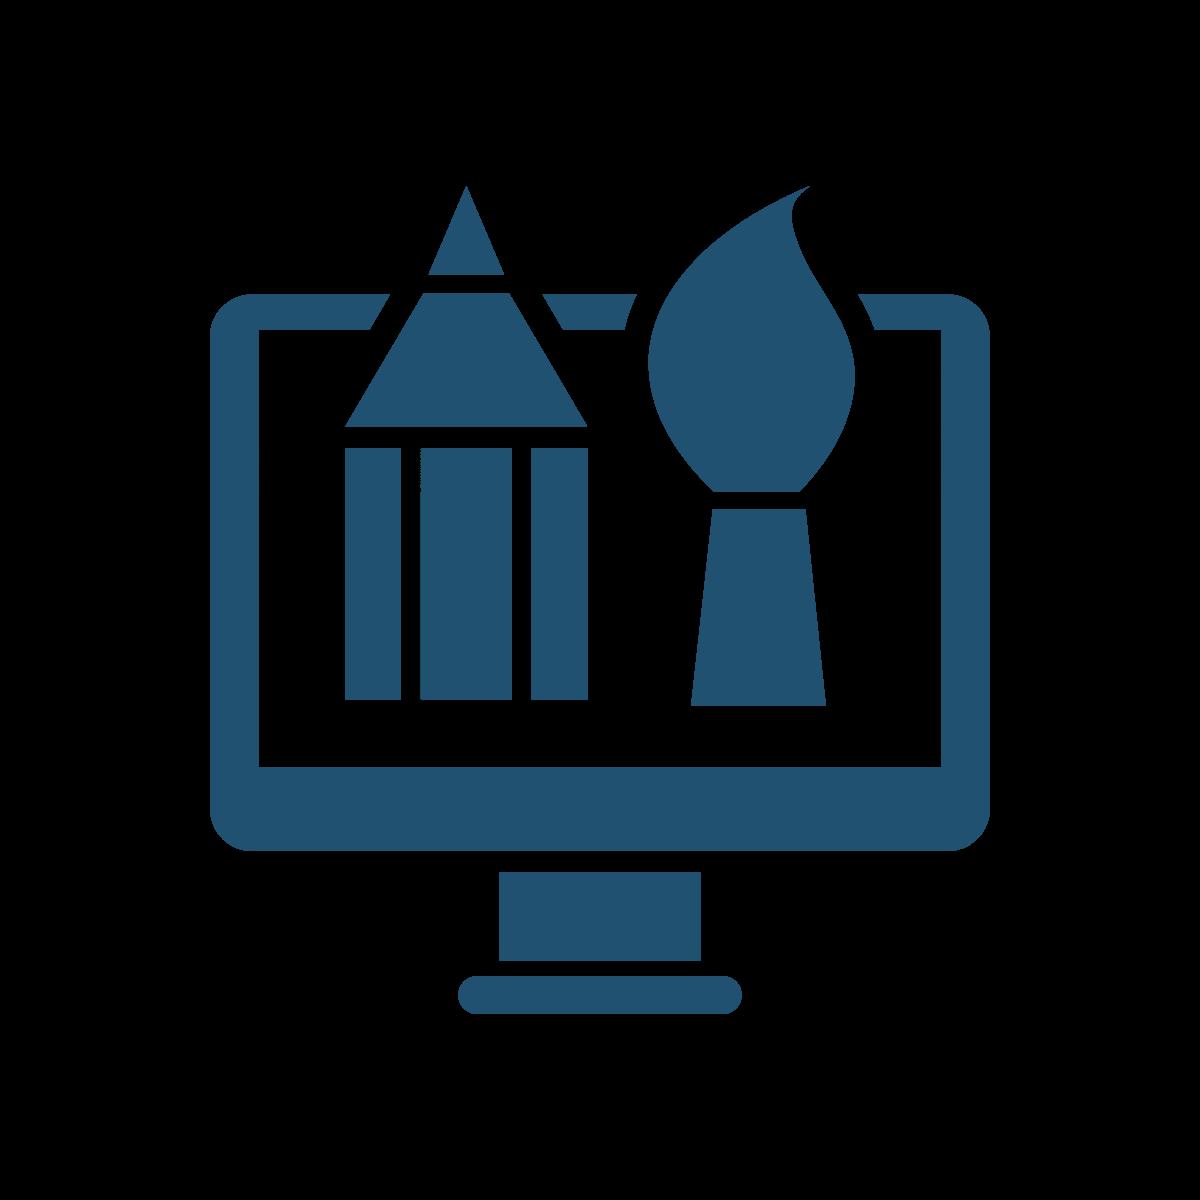 icon-graphics